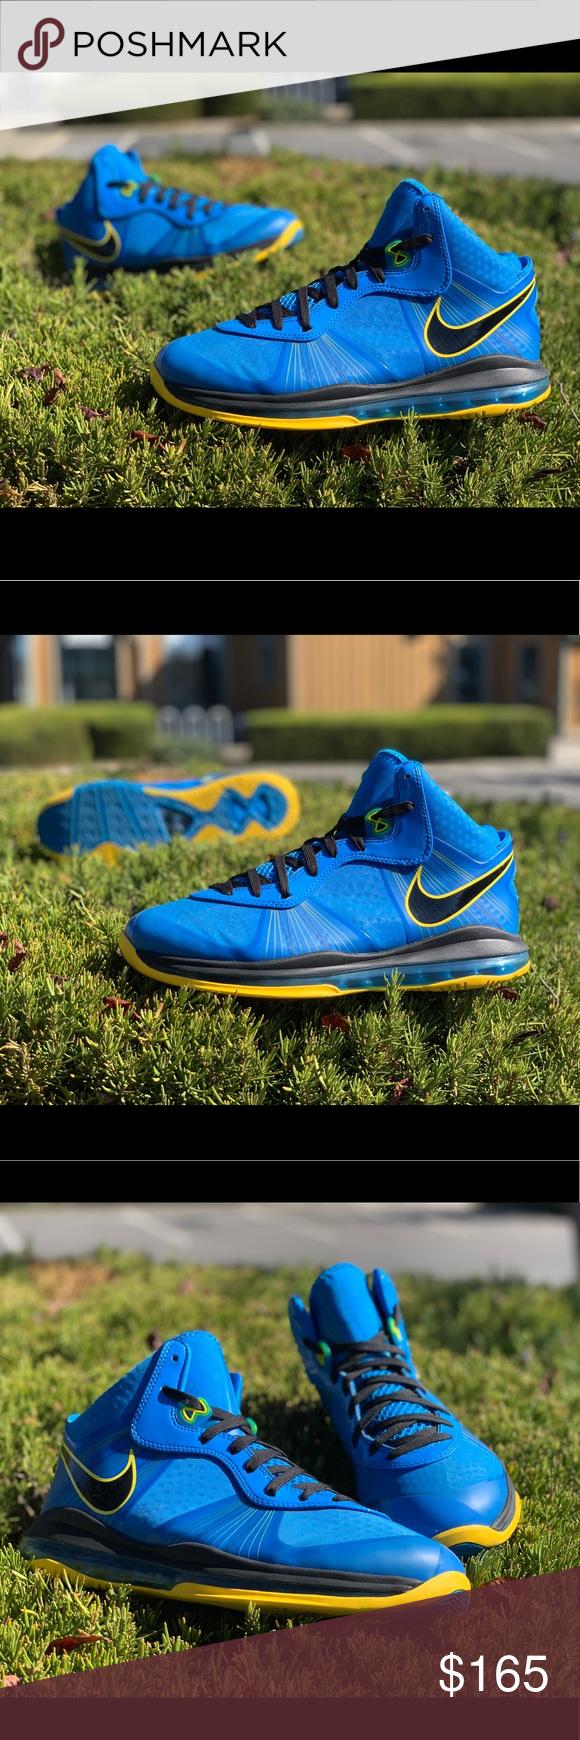 """9662fea55b51 Nike Lebron 8 V2 Entourage Nike Lebron 8 V2 """"Entourage"""" men s size 11. -  Condition (9 10) - minimal heel drag - no box - never used to play  basketball Nike ..."""